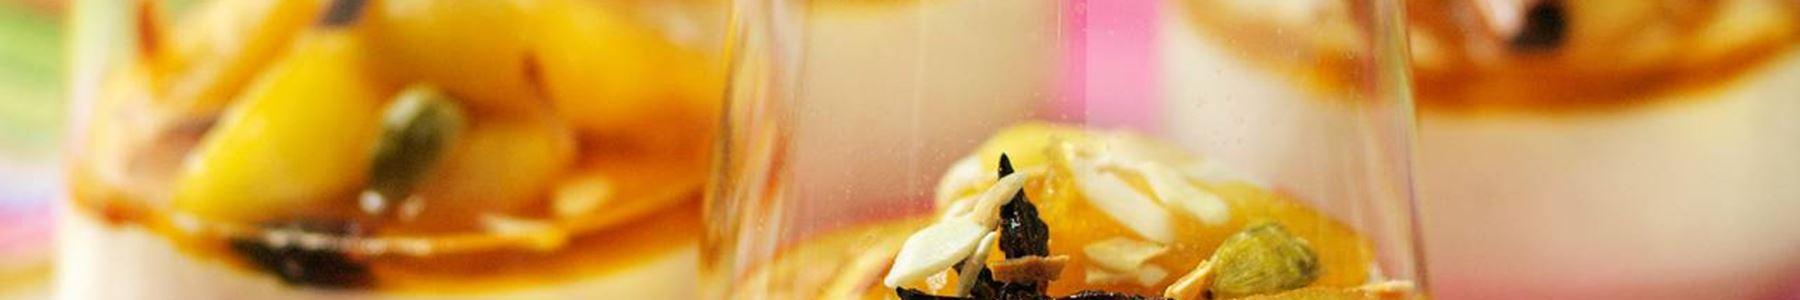 Frukter + Kardemumma + Pannacotta